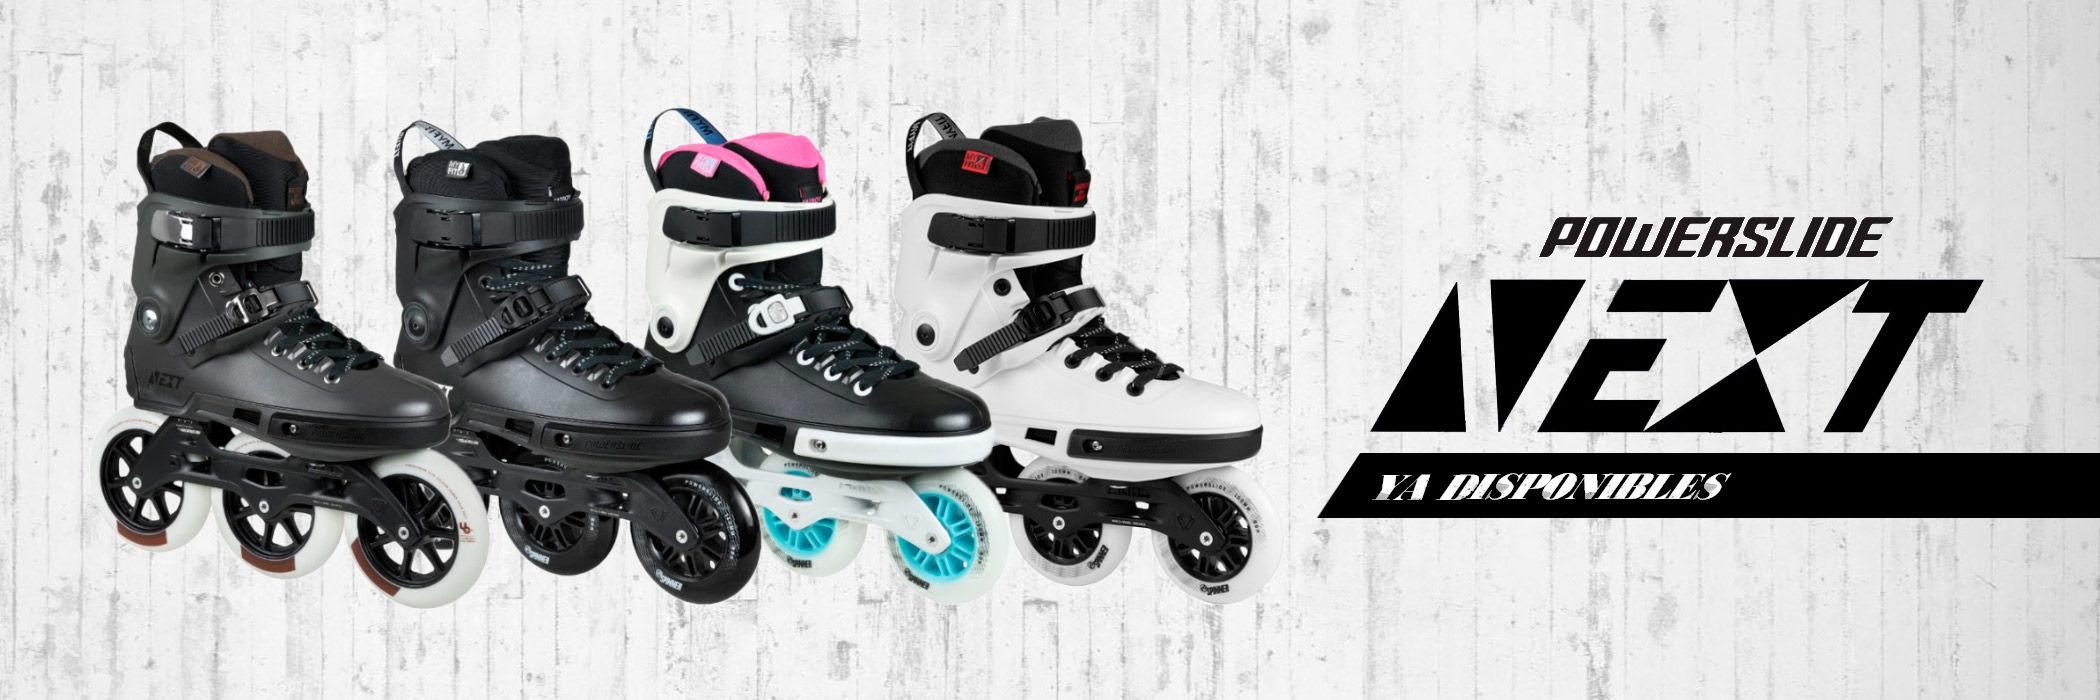 6c2a49cfa02 Tienda de patines y longboard online - Home